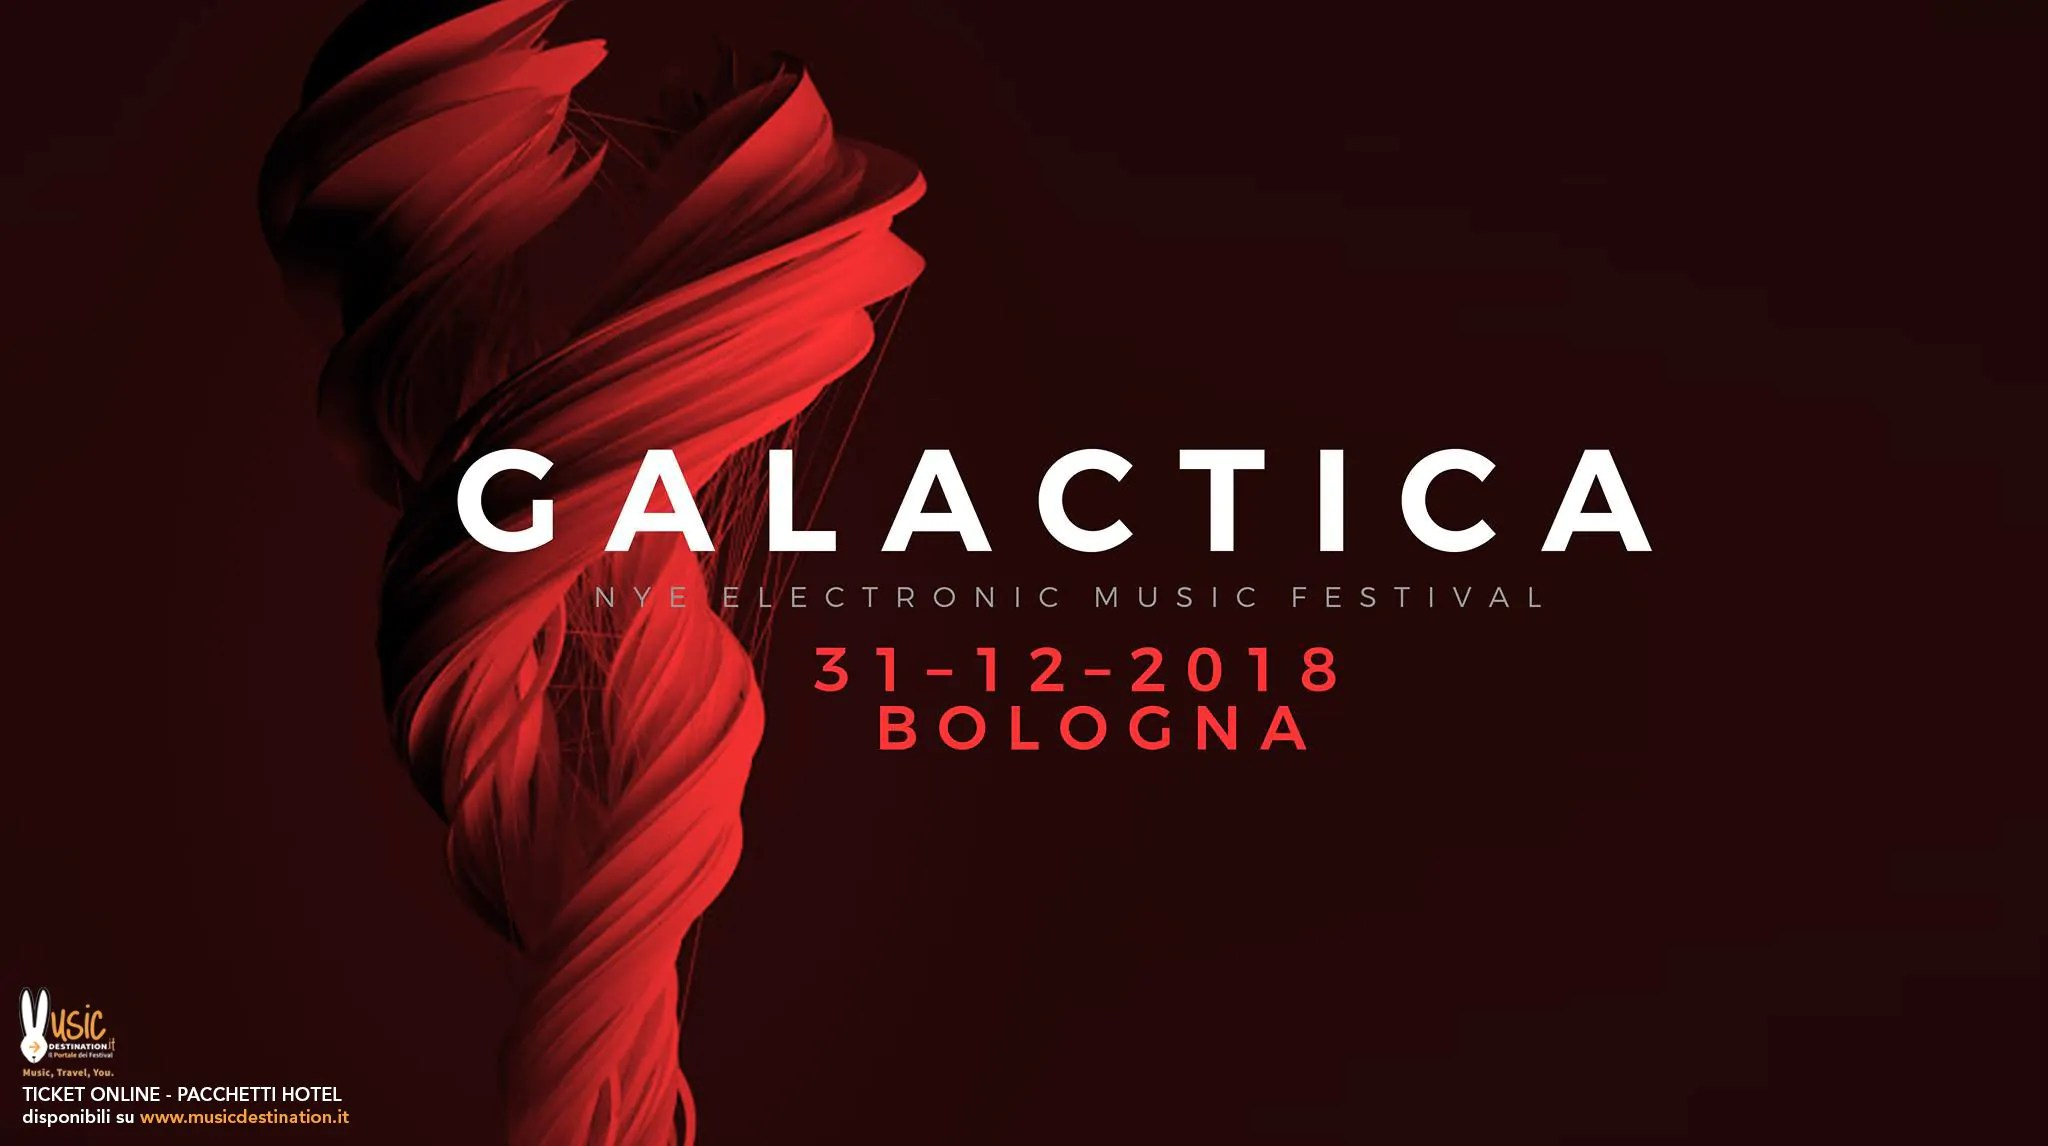 Galactica Festival NYE Capodanno 2018/2019 Bologna Fiere | Prezzi Ticket biglietti tavoli Pacchetti hotel